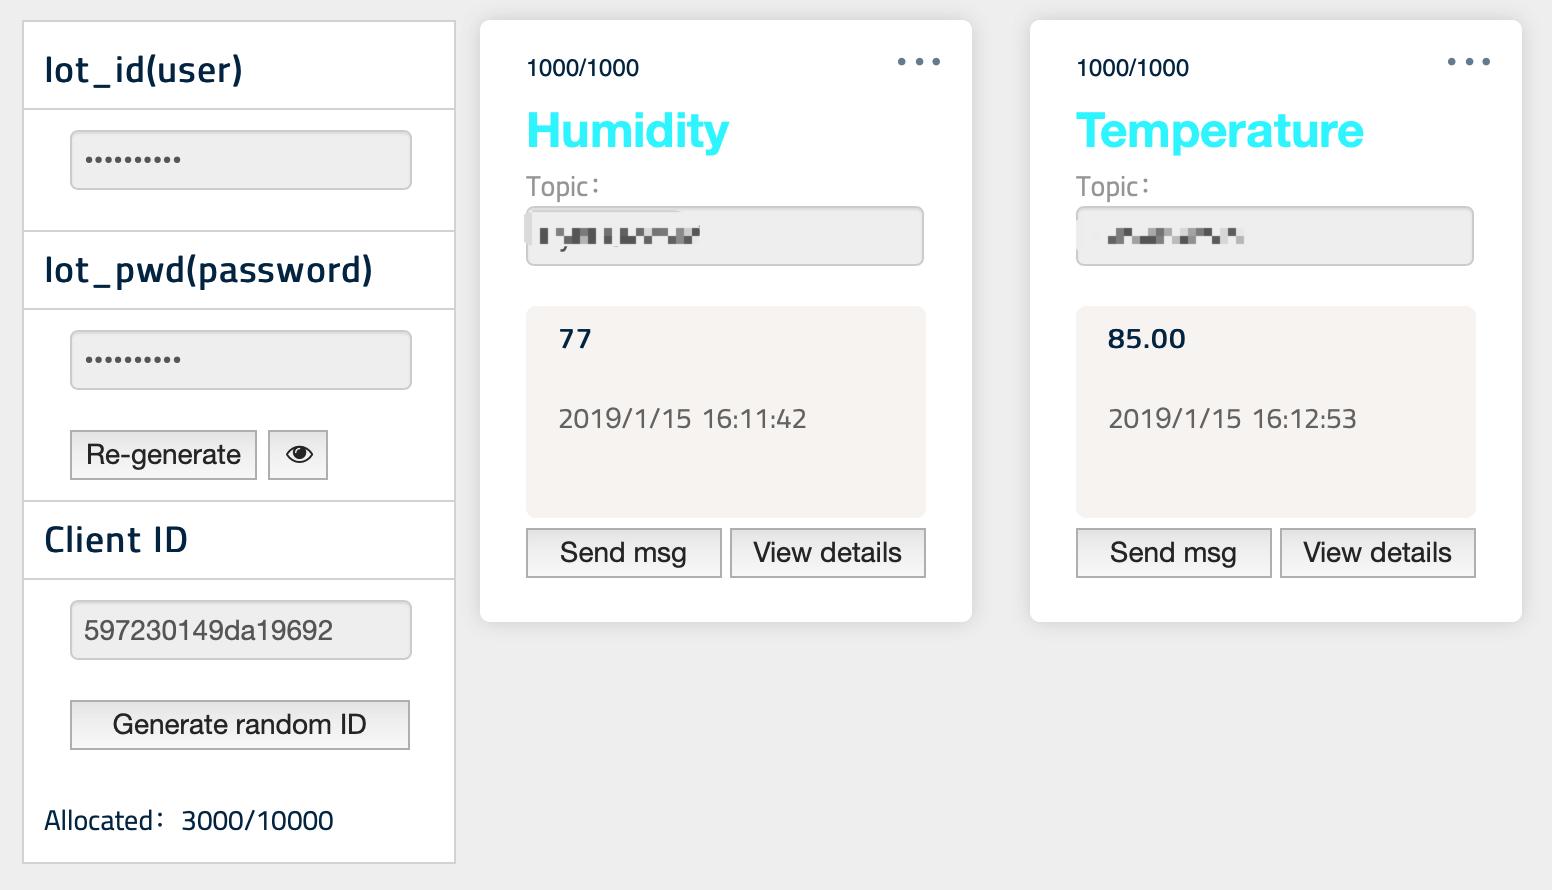 EasyIoT interface